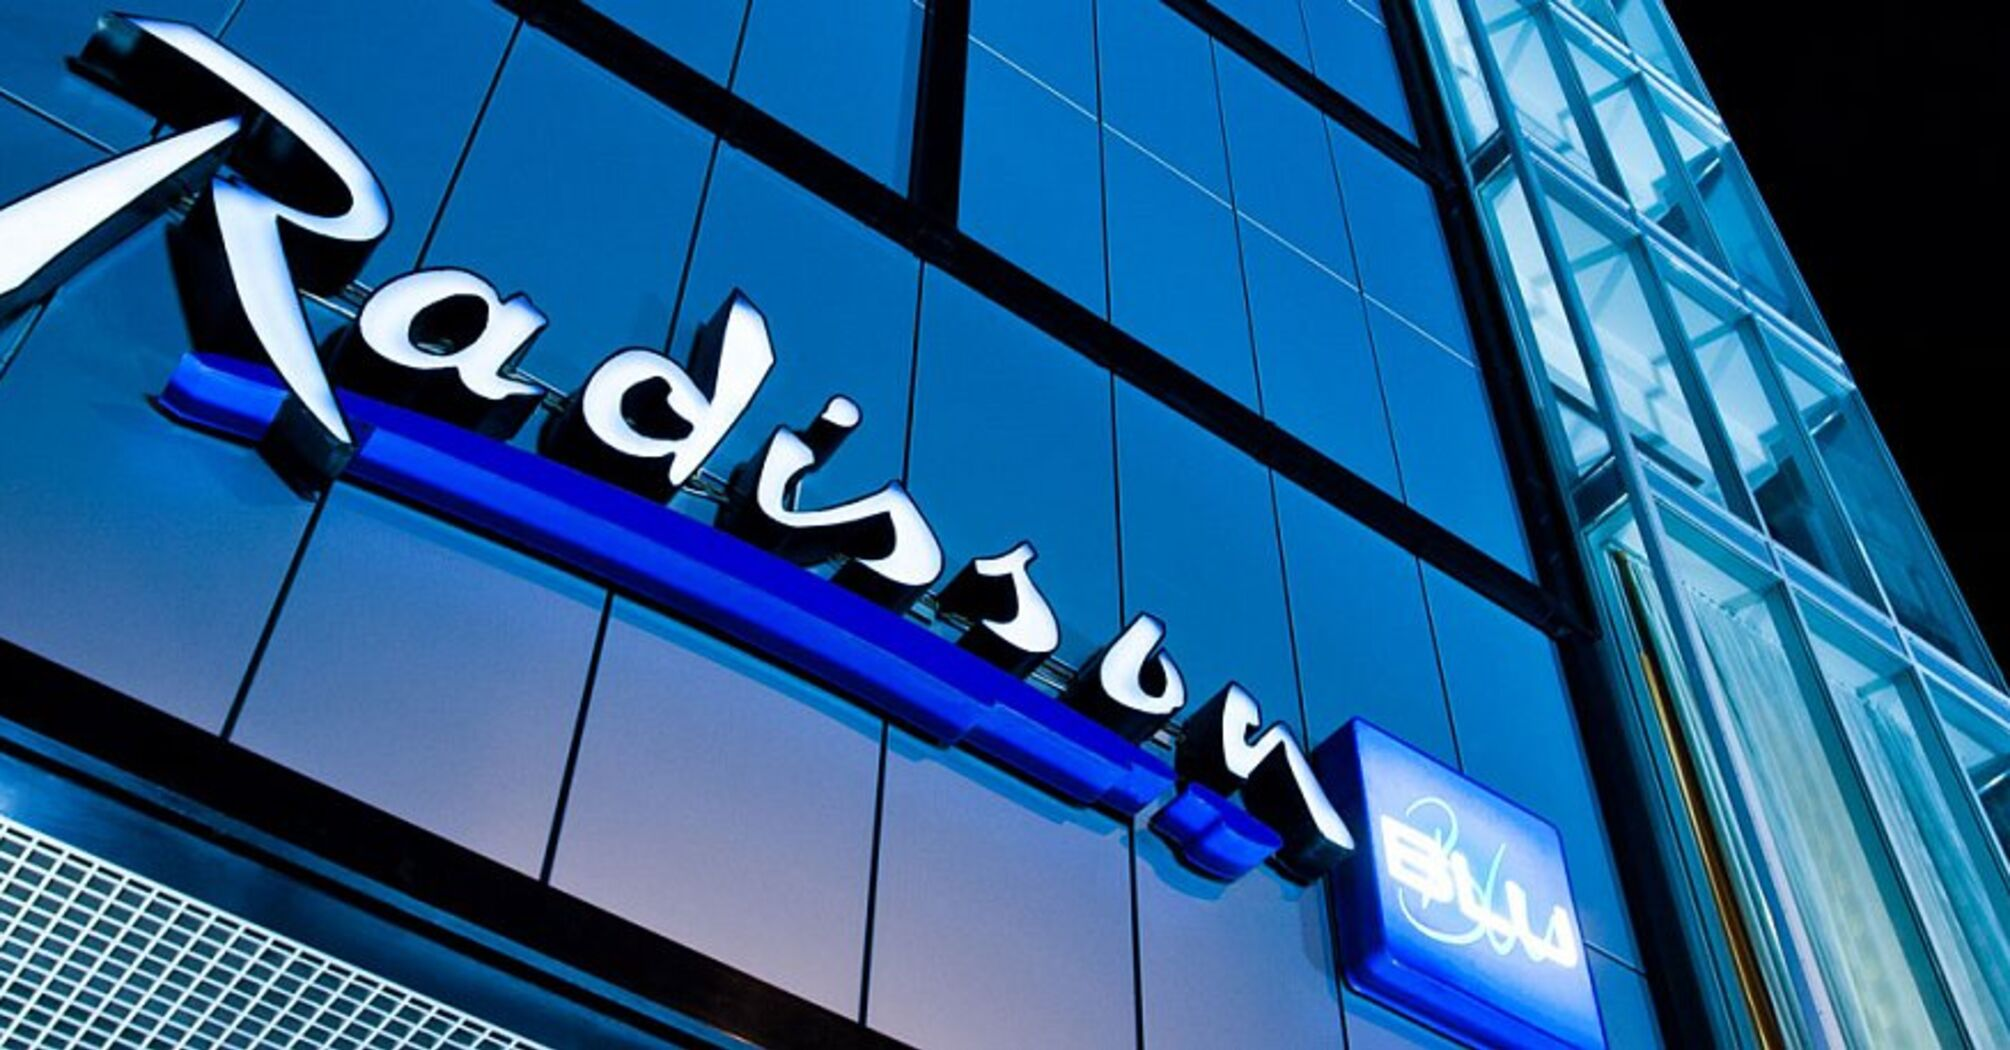 В Radisson Hotel Group розробили протокол безпеки для роботи під час пандемії